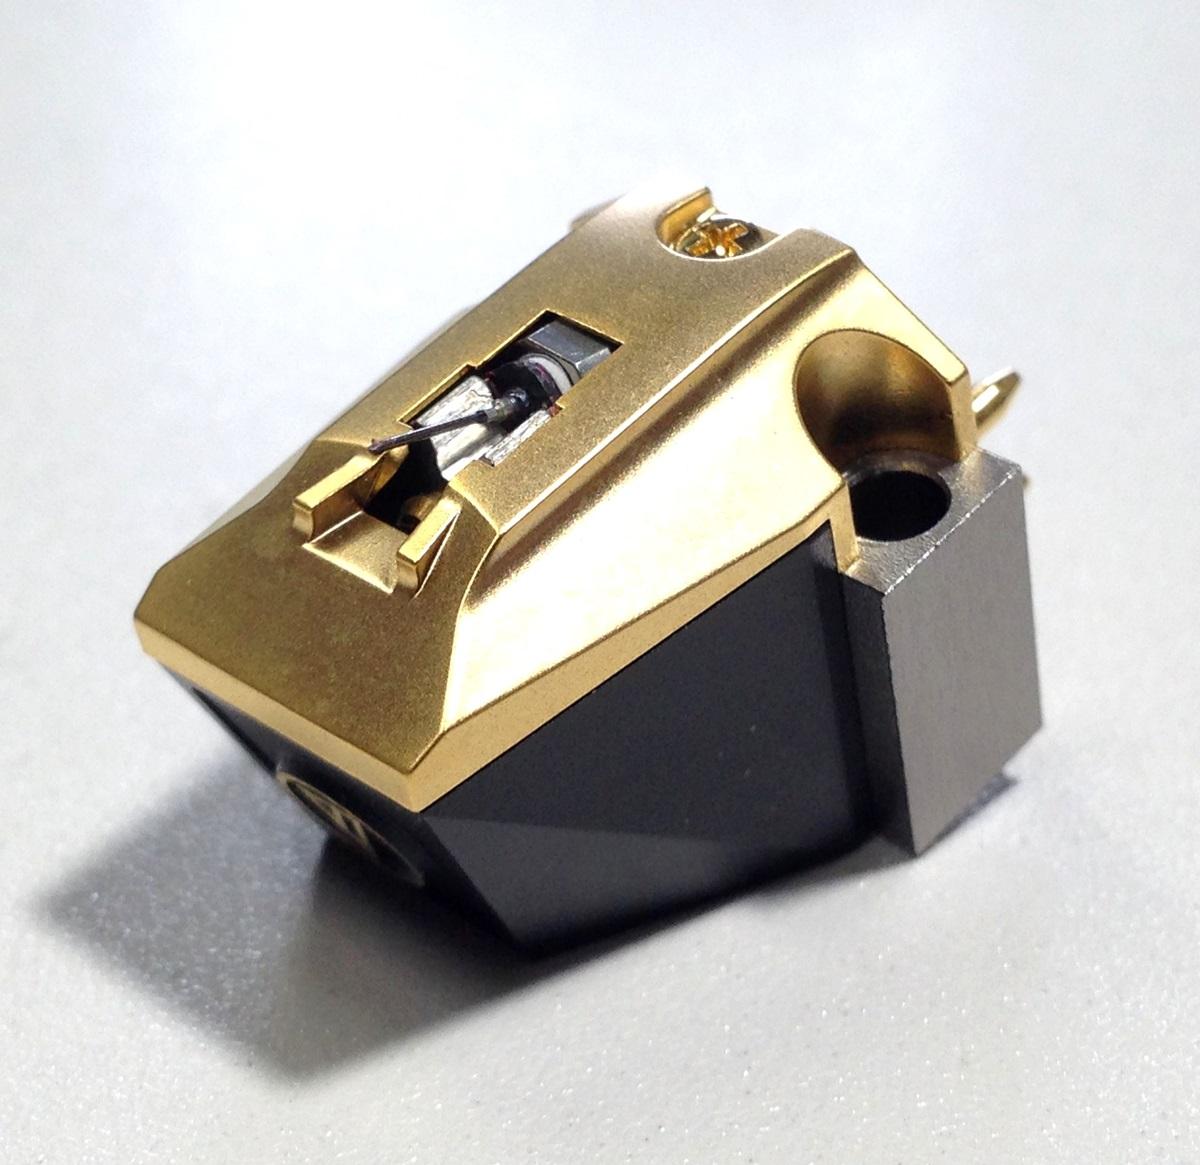 美品 audio-technica AT-ART7 MC型 カートリッジ 針カバー/ケース等付属品有 出力良好品 Audio Station_画像3